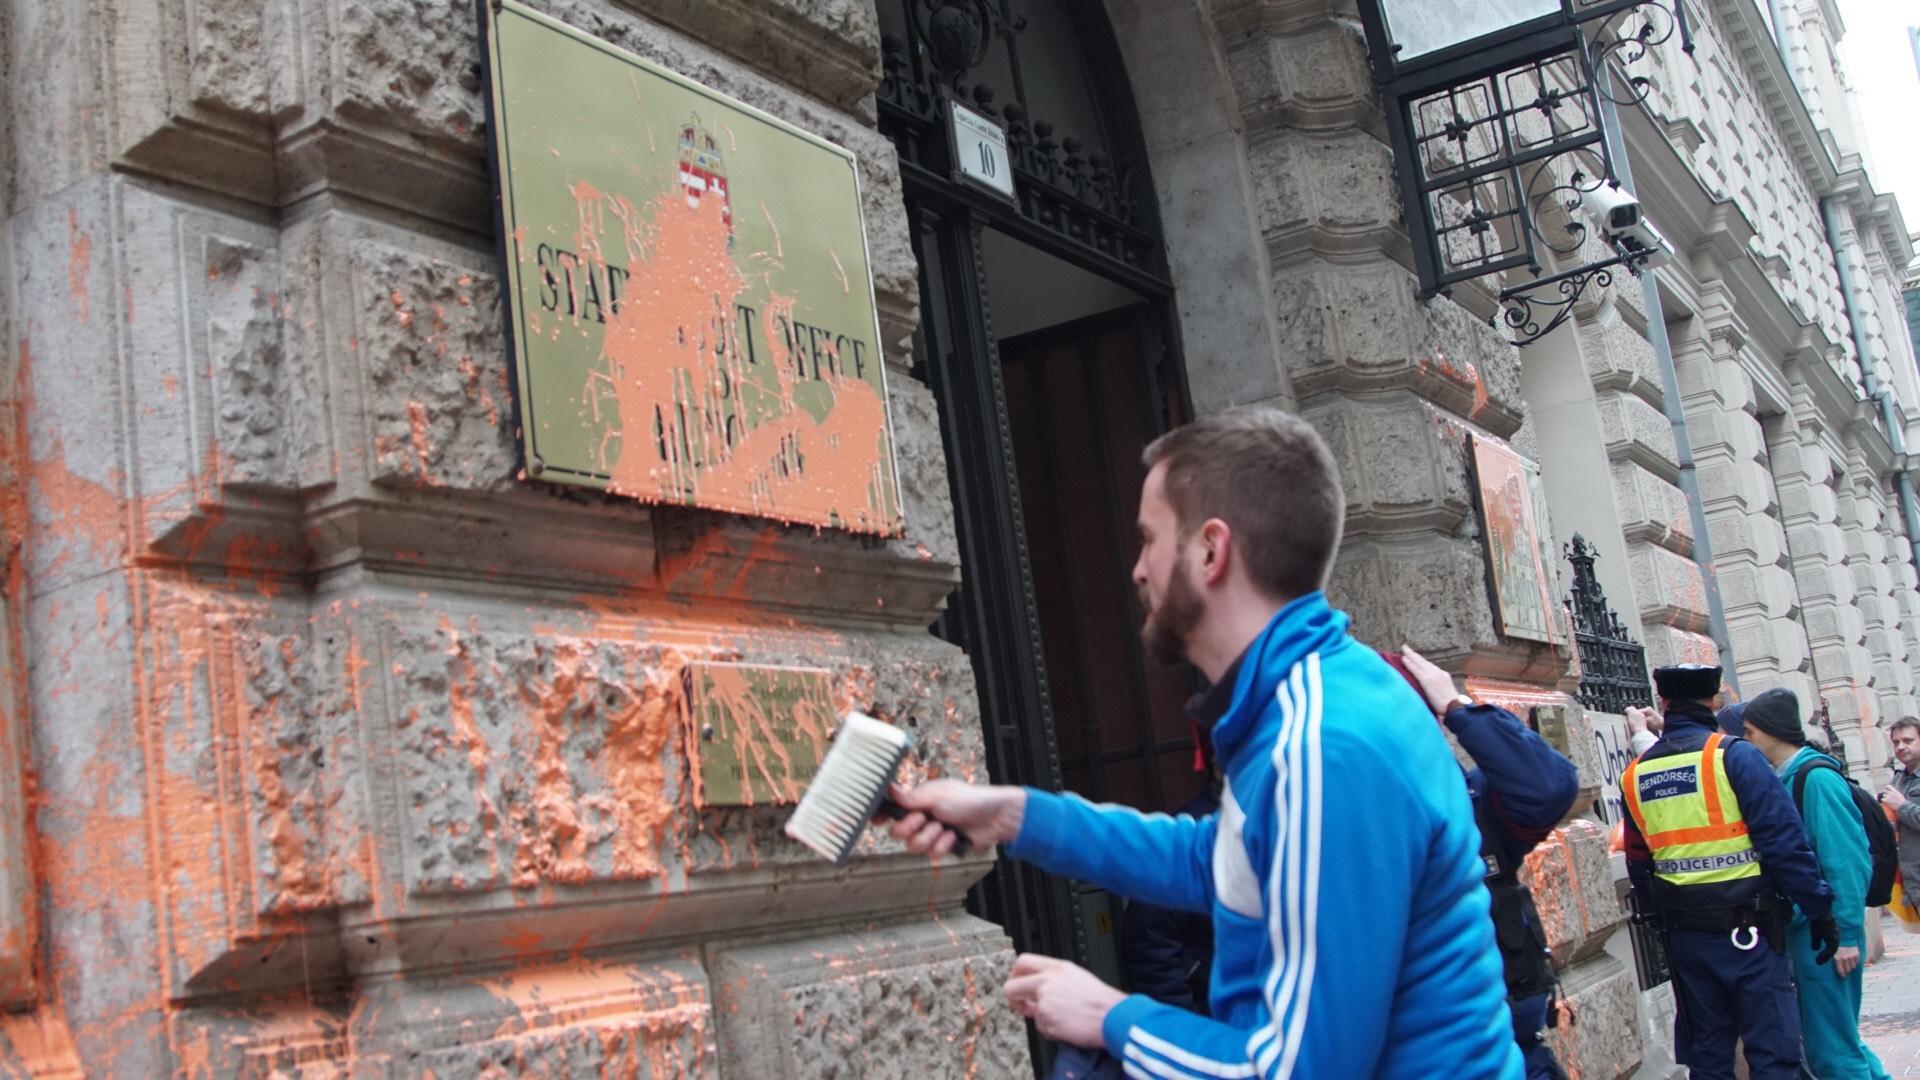 Mégis nyomoznak az Állami Számvevőszék épületét narancssárgára festő Gulyás Mártonék ellen